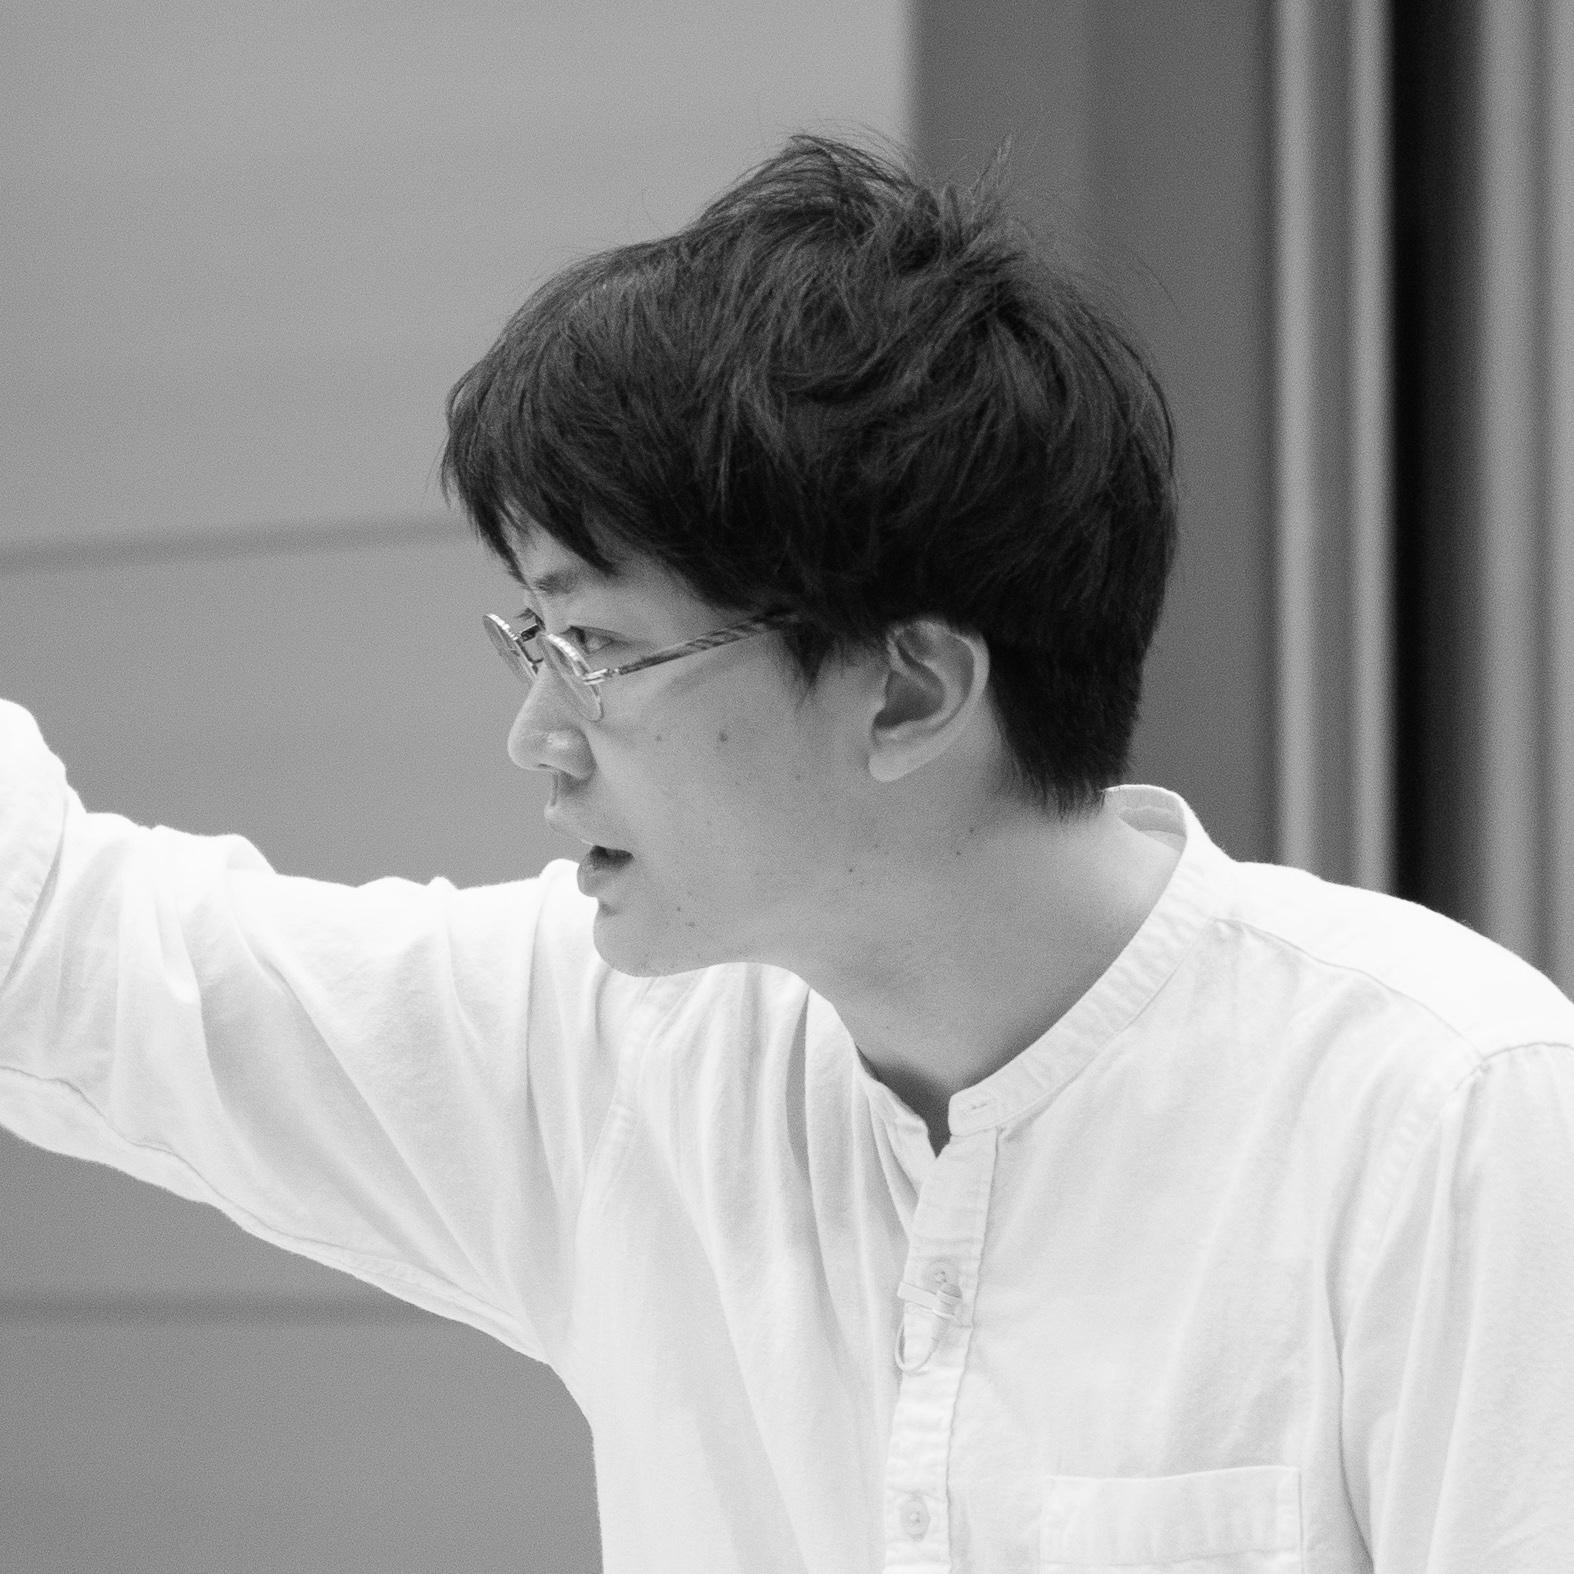 関川航平 プロフィール画像